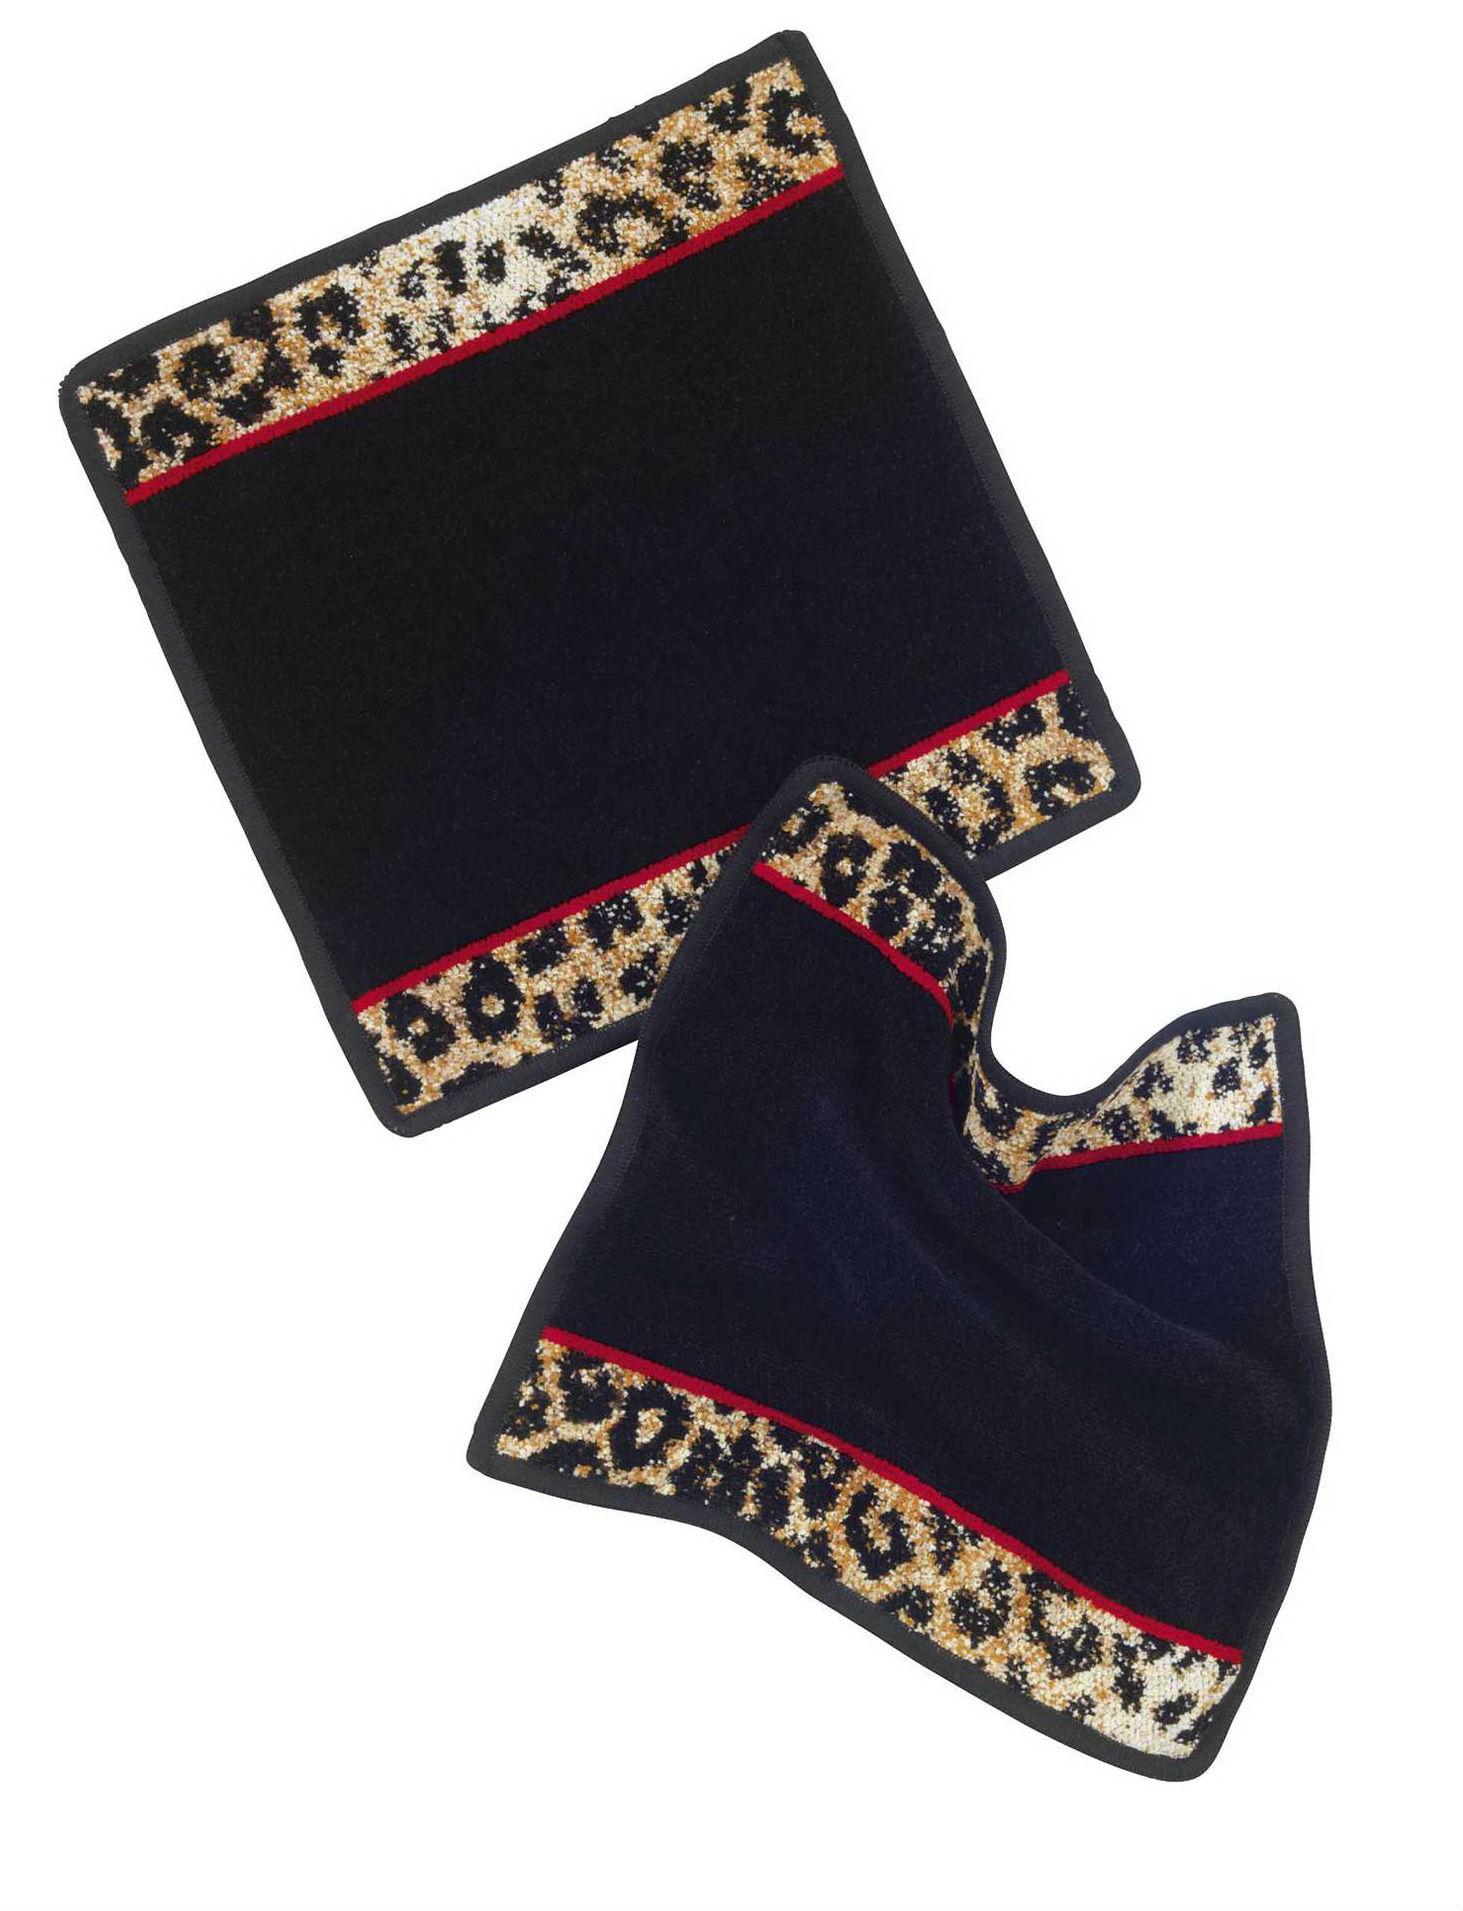 Шенилловое полотенце салфетка 25х25 Wangari 10 schwarz черный от Feiler